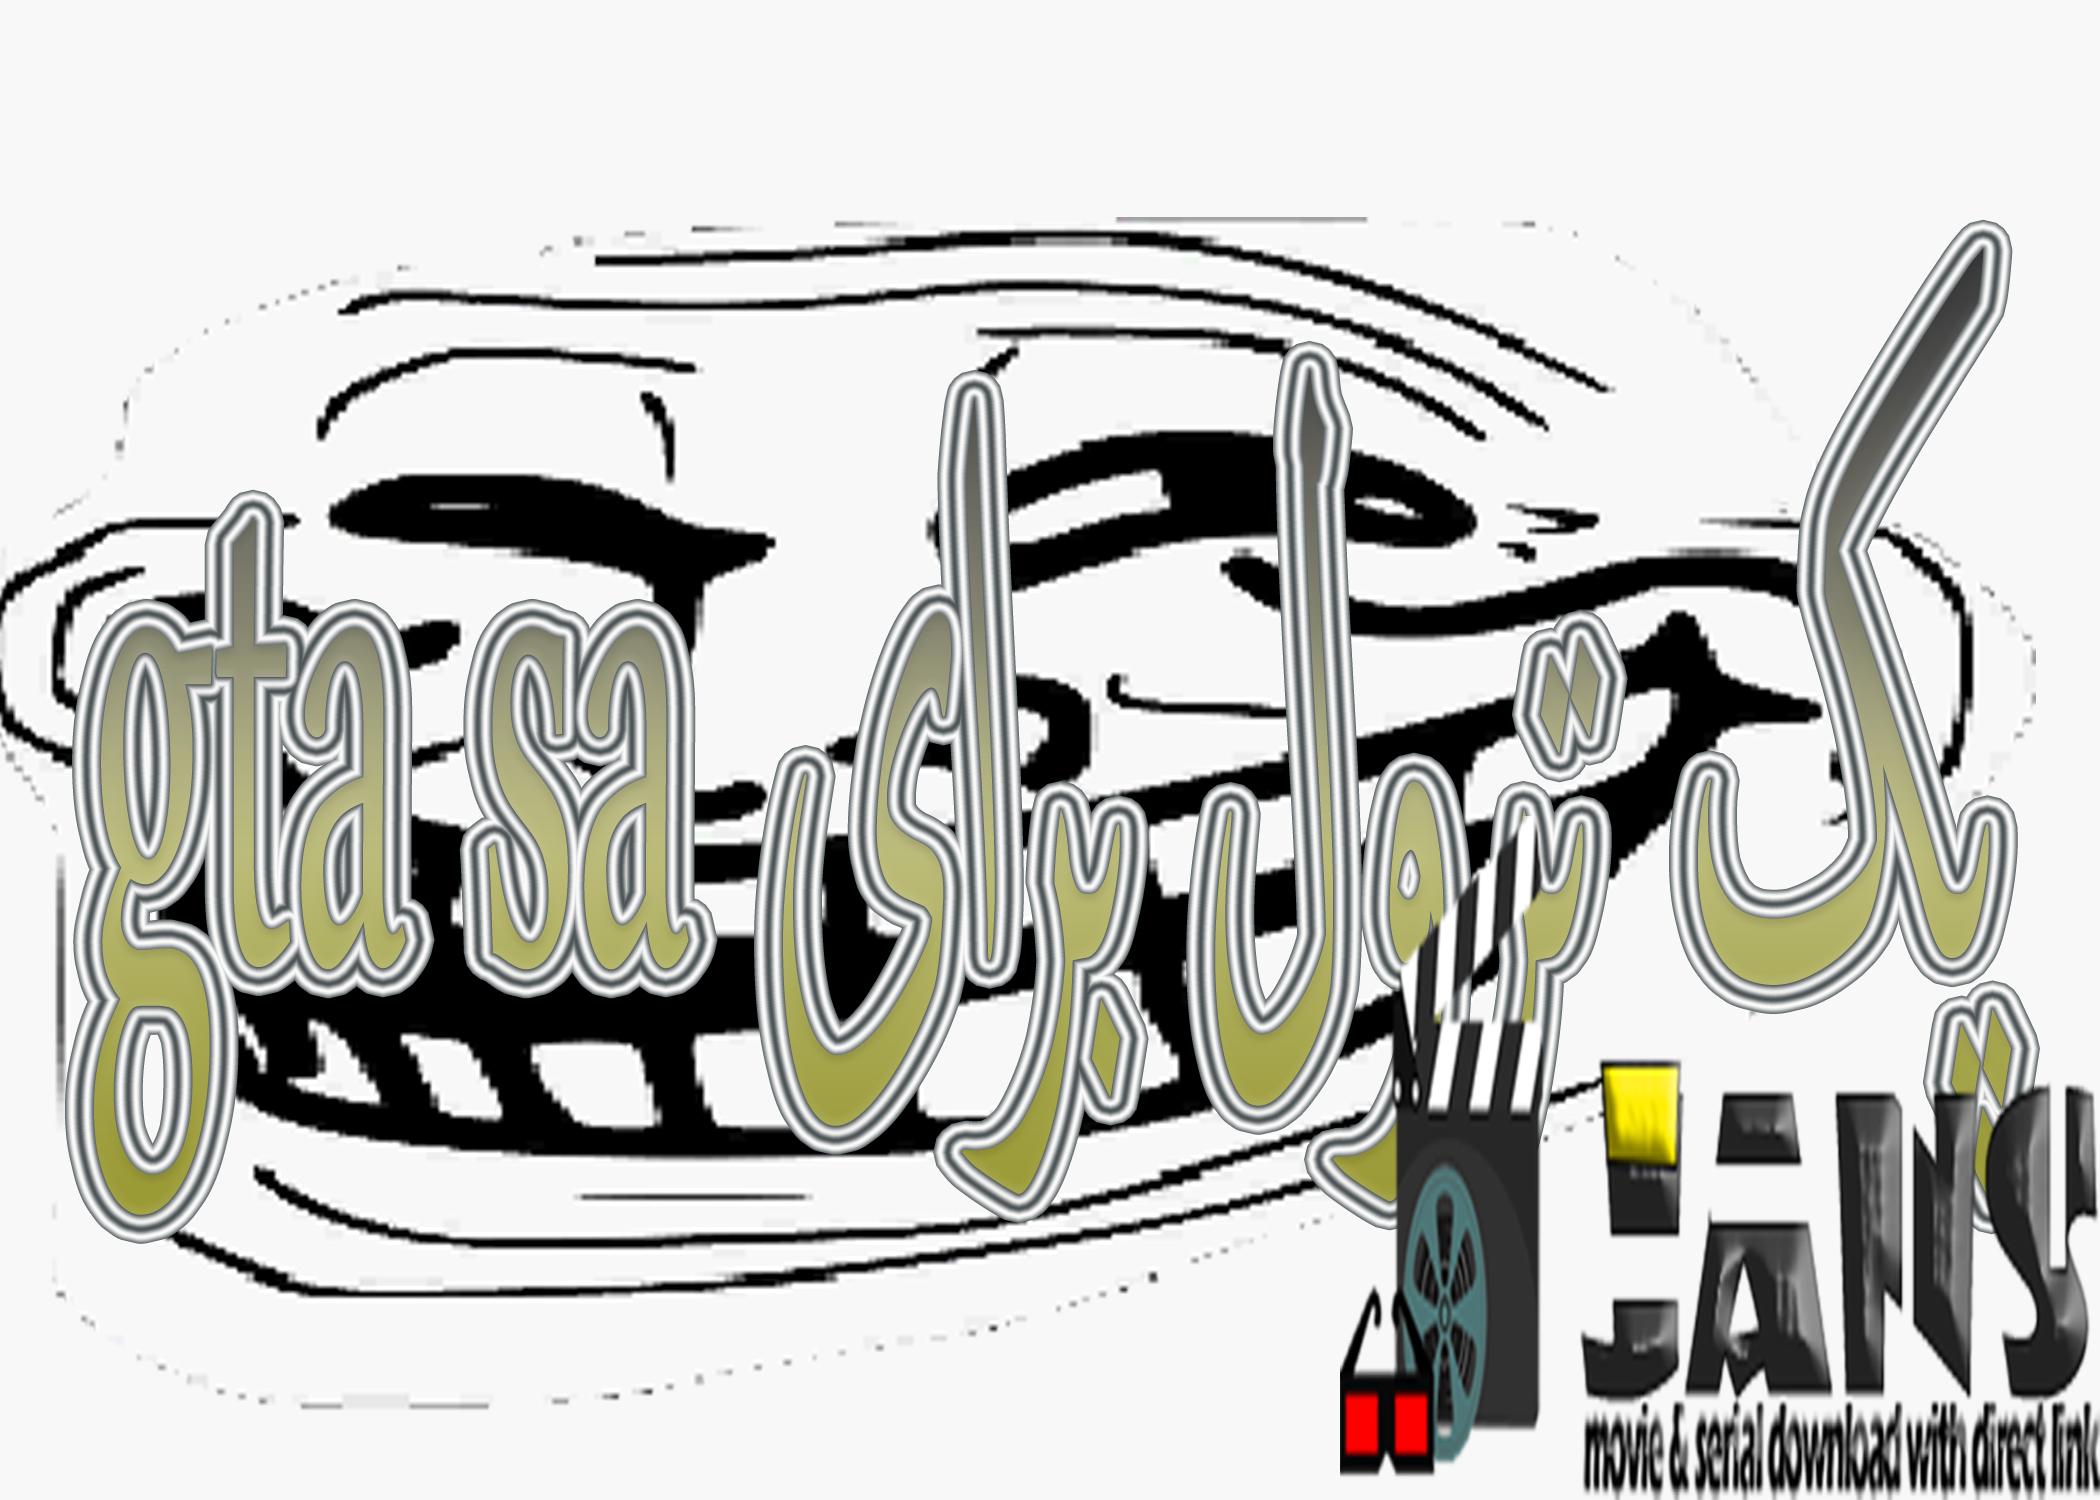 دانلود پک اسکین ترول (ساخت خودم همراه با مدل سازی) برای gta sa